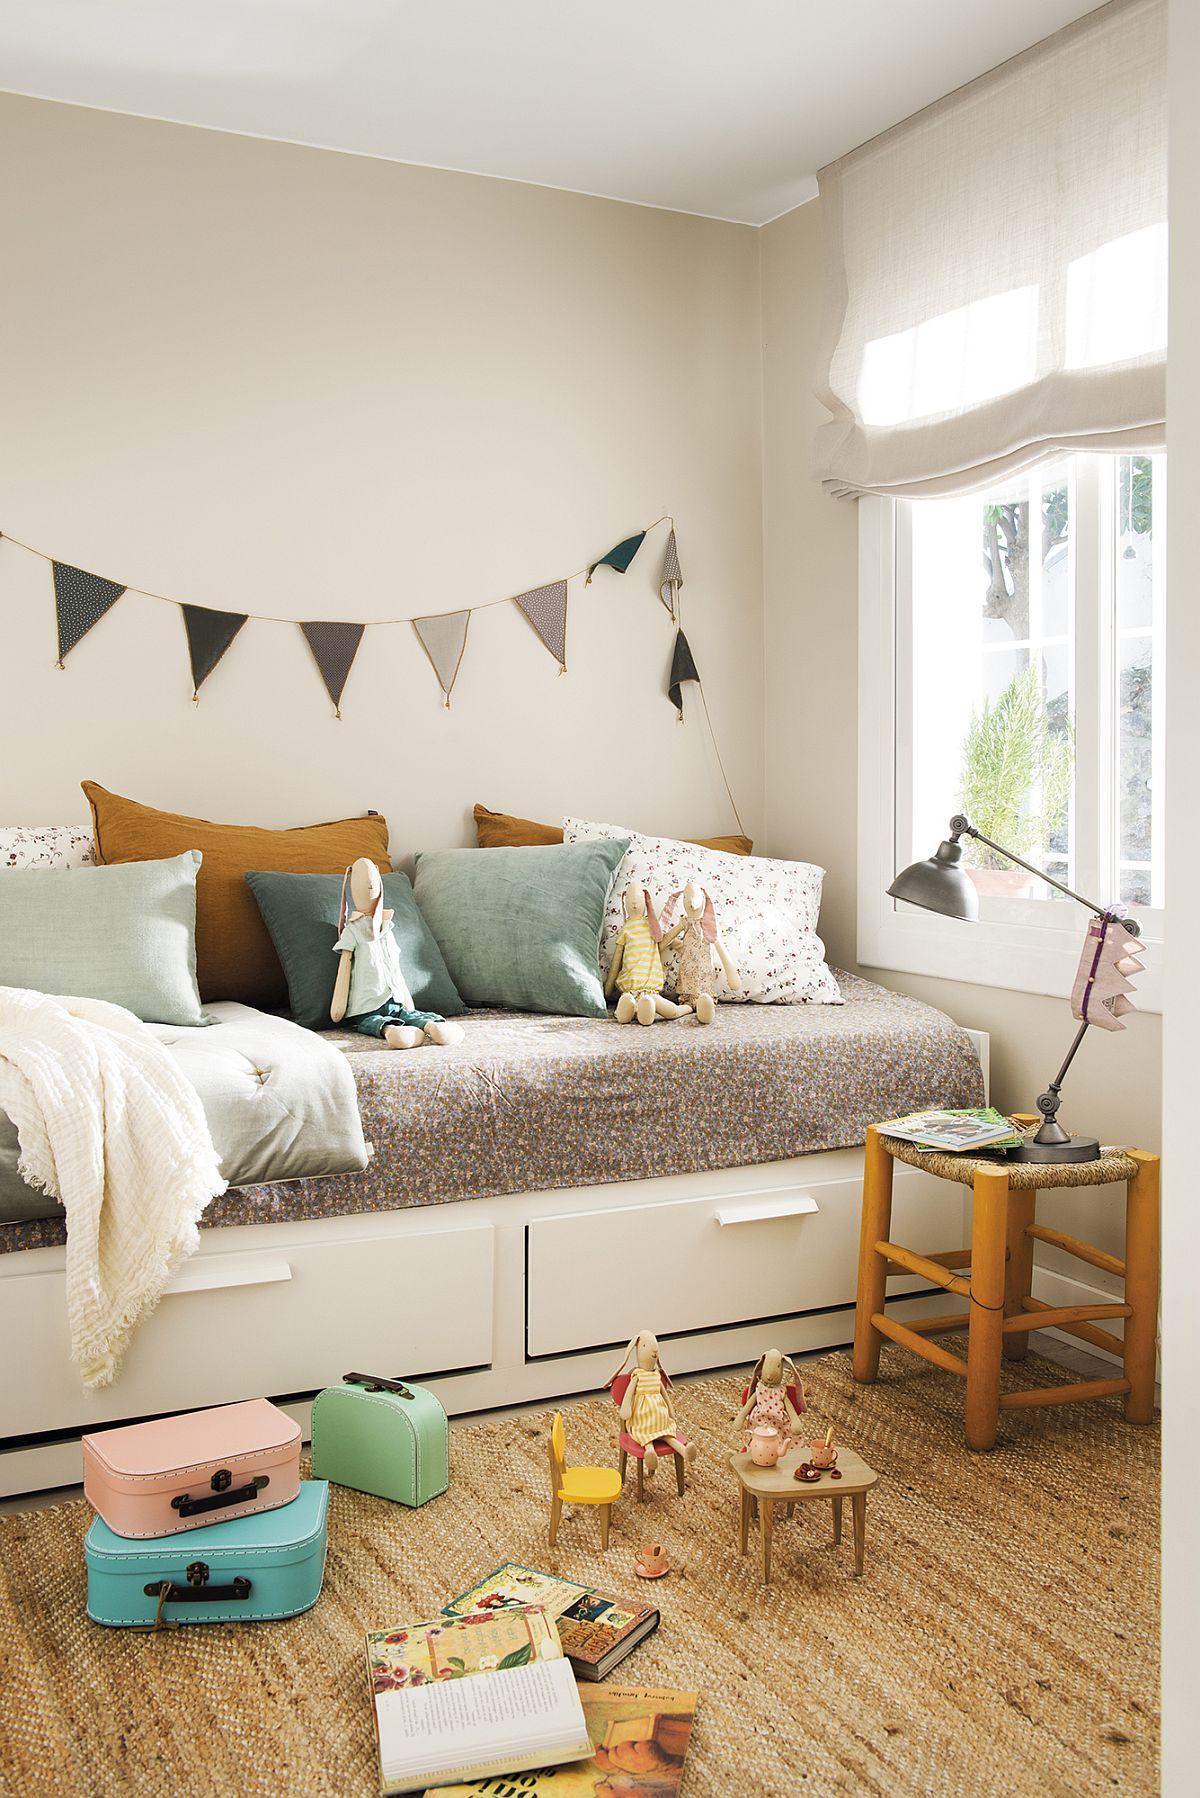 Camera copilului este mică ca și dimensiuni, ca atare patul realizat pe comandă este unul cu sertare pentru mai multe spații de depozitare, dar care să ocupe cât mai puțin loc. O locuință cu spații modeste, dar bine organizată, așa cum și-a dorit familia și plăcut decorată în tonuri deschise și luminoase. Sper să te inspire și pe tine!